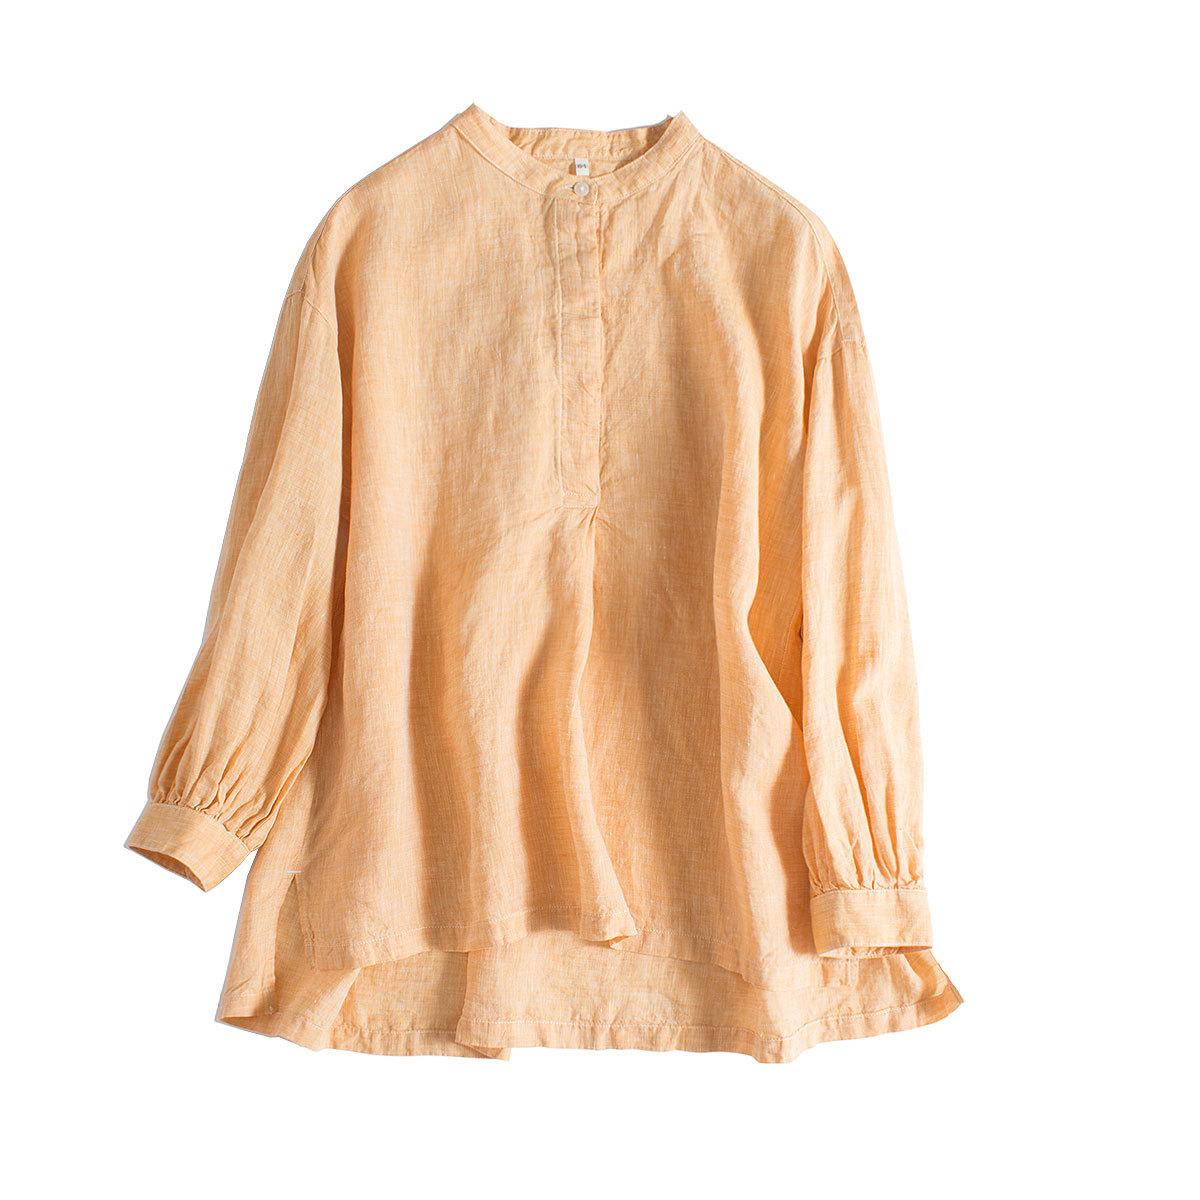 2020春夏新款日系亚麻显瘦立领半开襟暗扣落肩九分袖衬衫女上衣